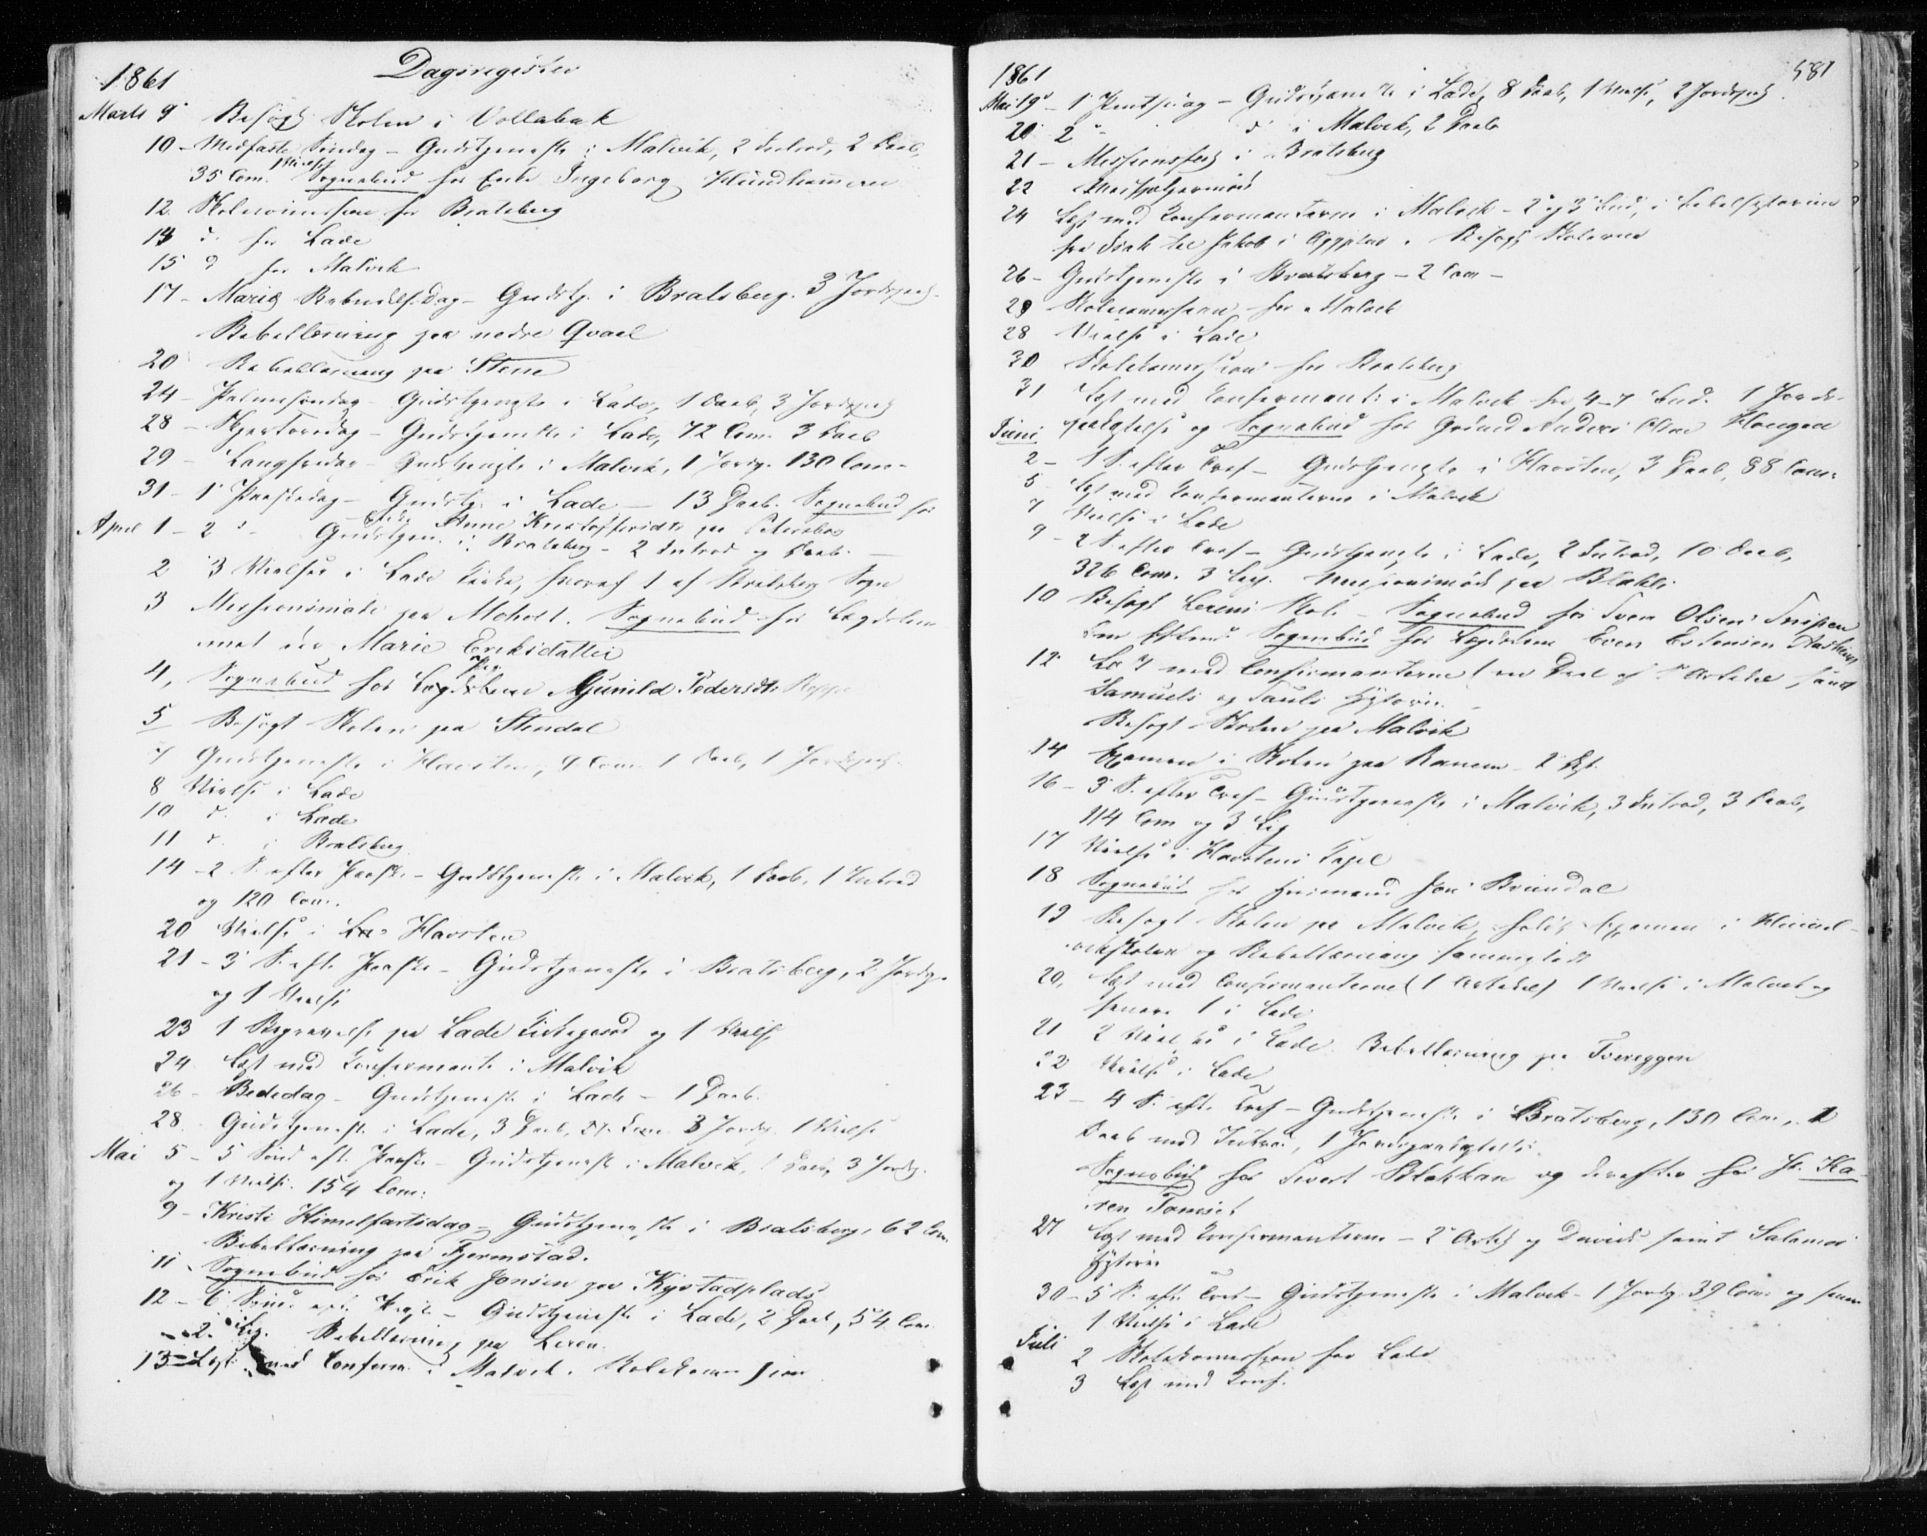 SAT, Ministerialprotokoller, klokkerbøker og fødselsregistre - Sør-Trøndelag, 606/L0292: Ministerialbok nr. 606A07, 1856-1865, s. 581